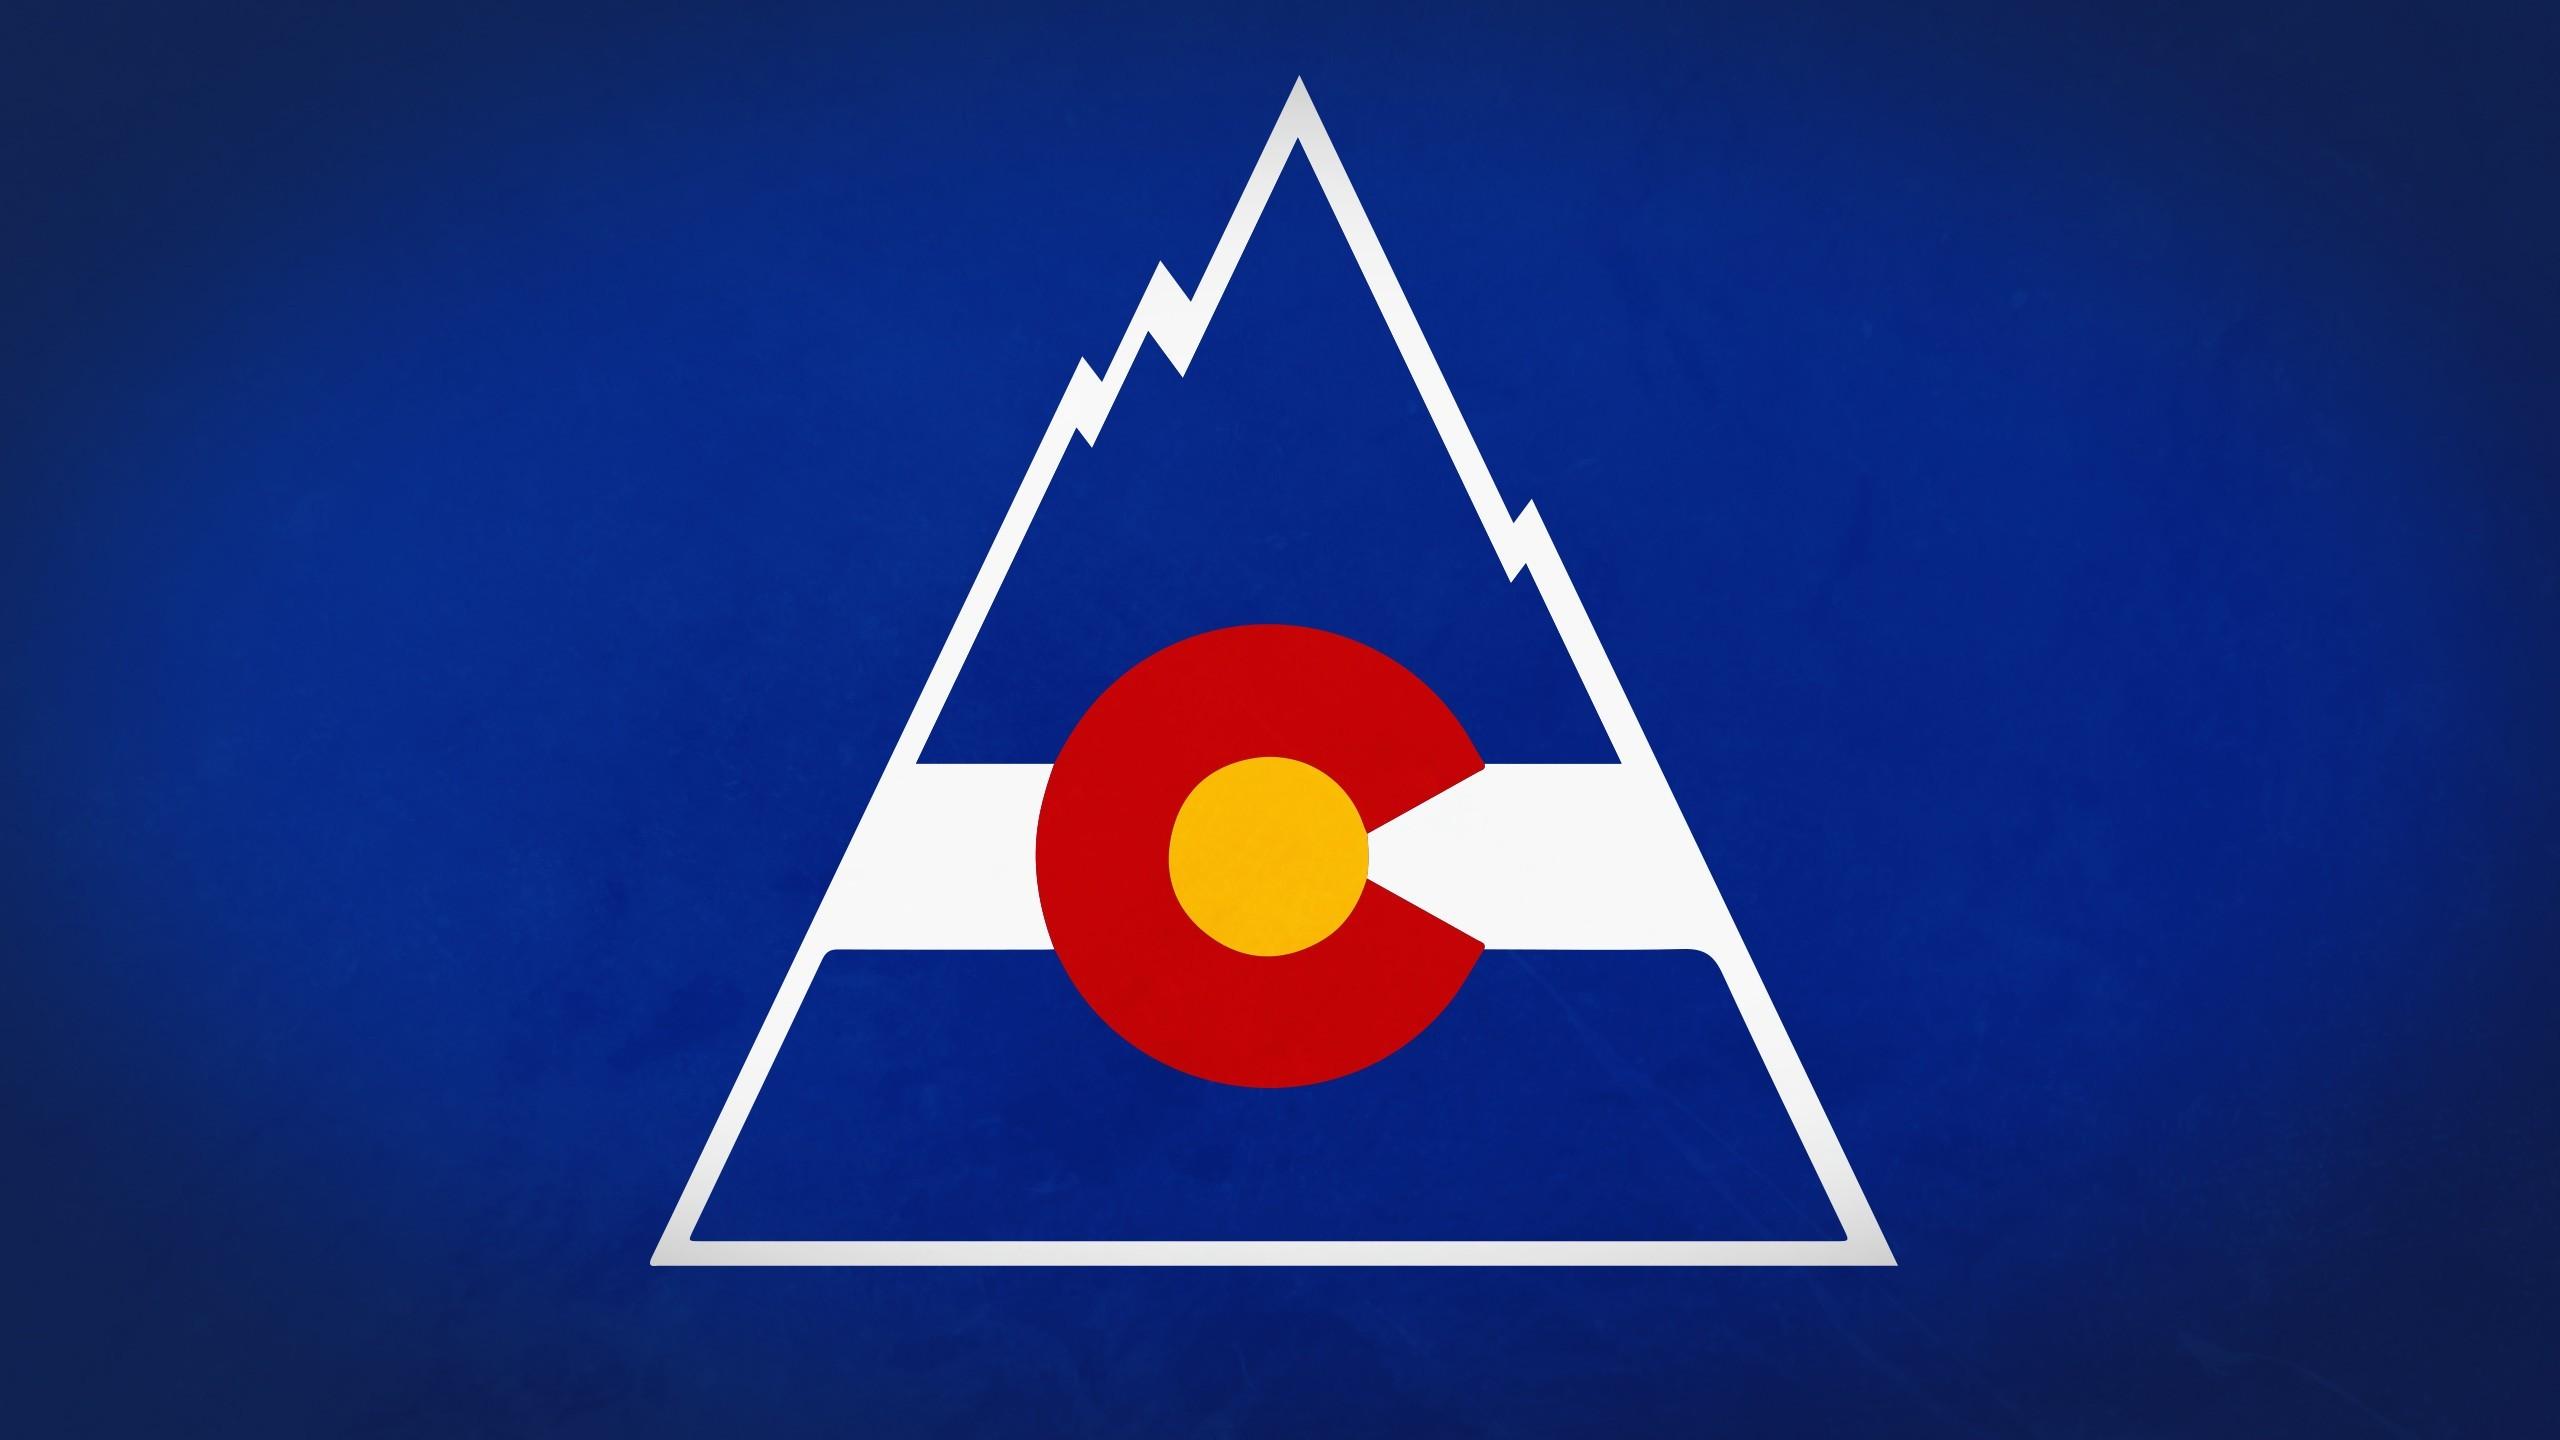 Sports – Colorado Rockies Wallpaper